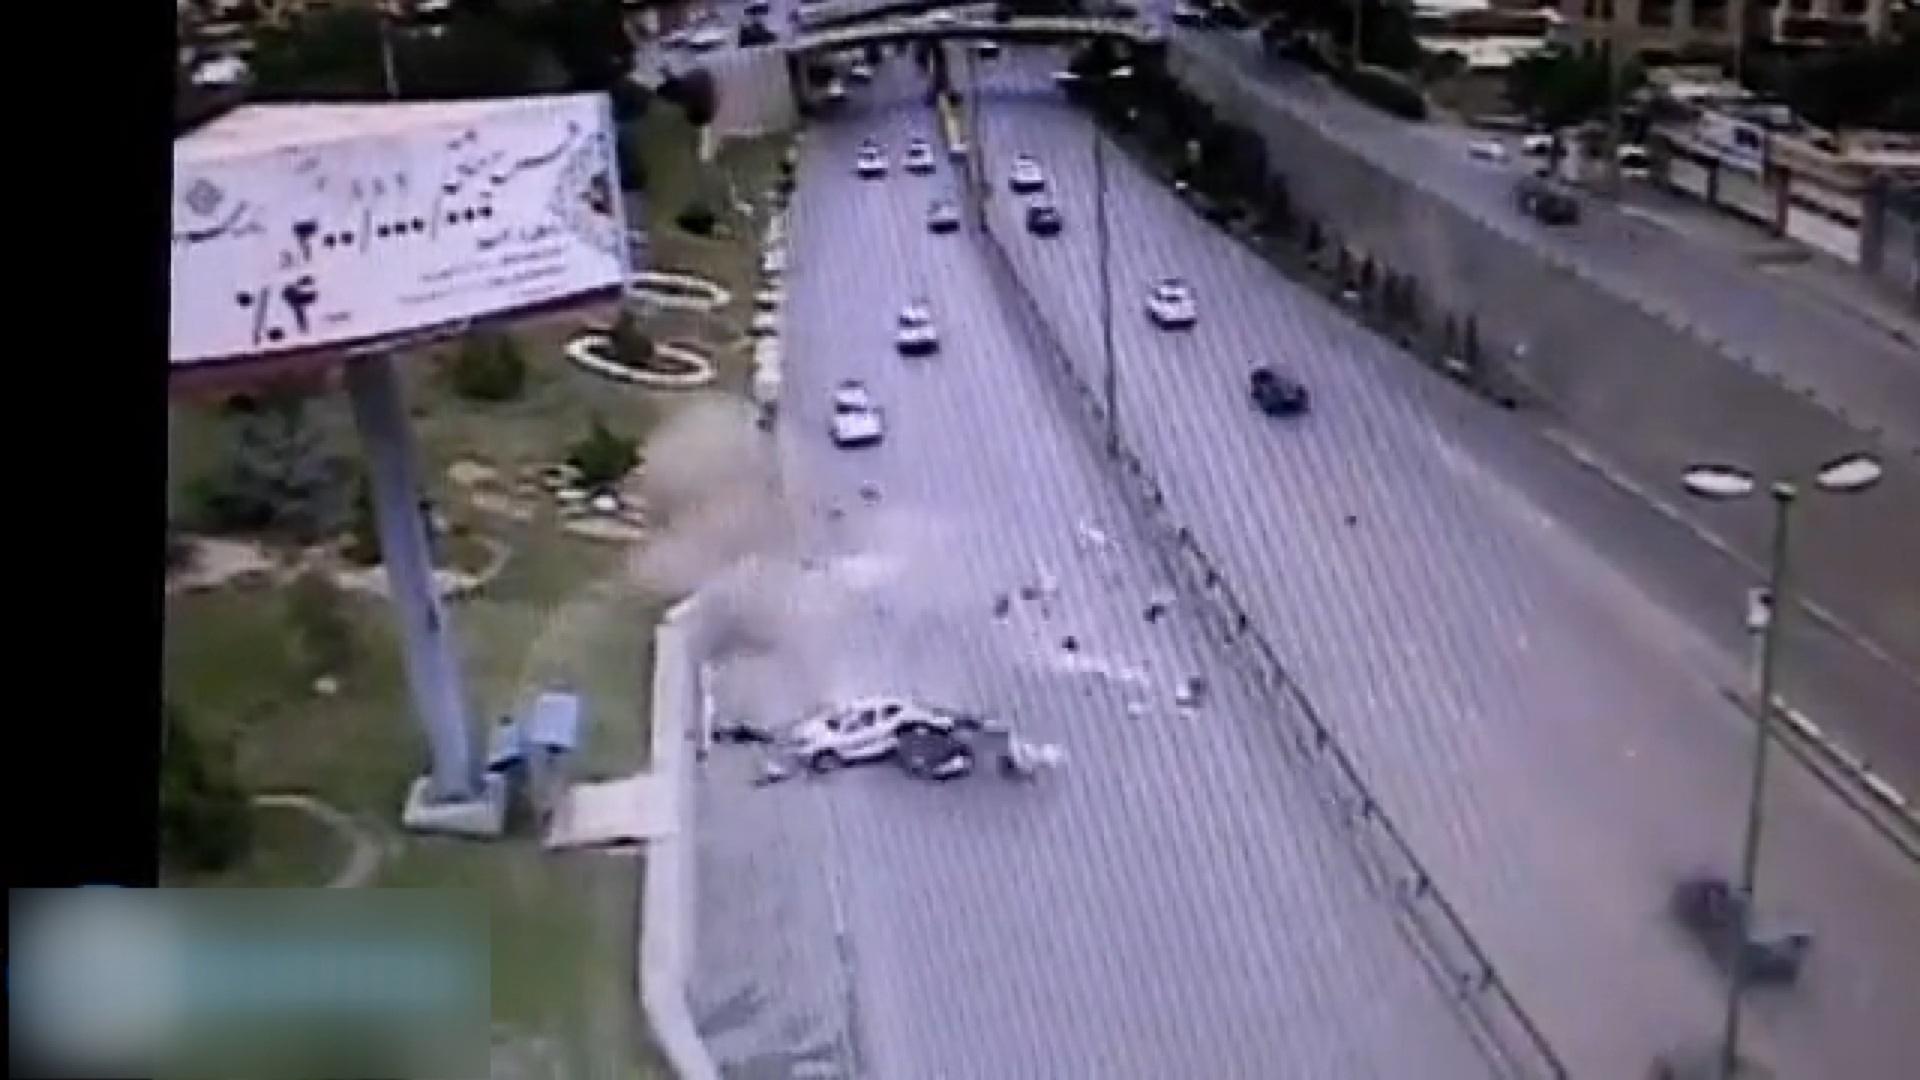 فیلم   نصف شدن خودروی ۲۰۶ در تصادف وحشتناک